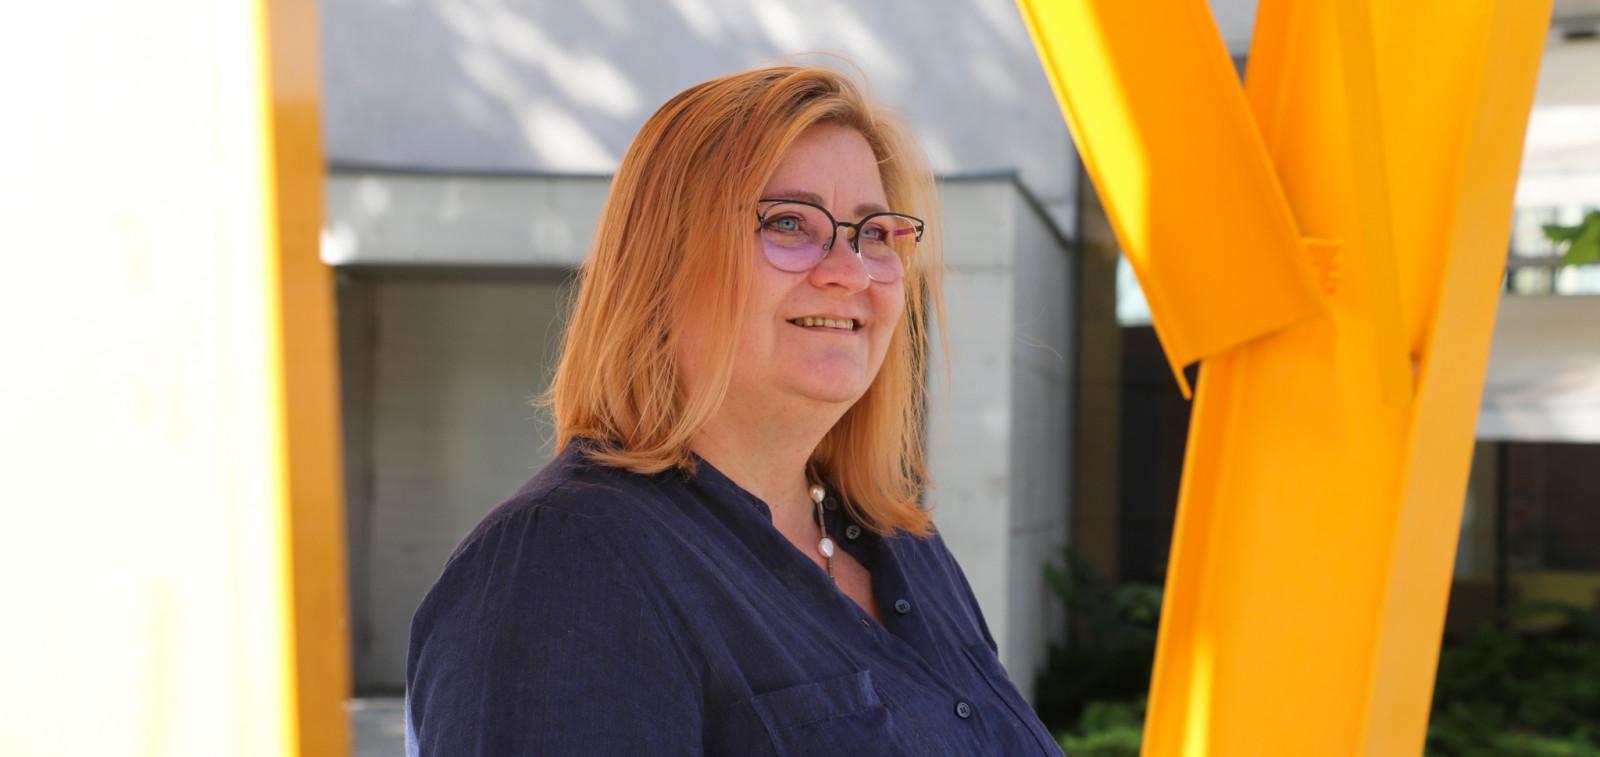 Eevastiina Rindell seisoo Turun kaupunginkirjaston sisäpihan vasikkaveistoksen keltaisten rakennelmien keskellä. Hänellä on puolipitkät punertavat hiukset, silmälasit ja tummansininen paita päällään.